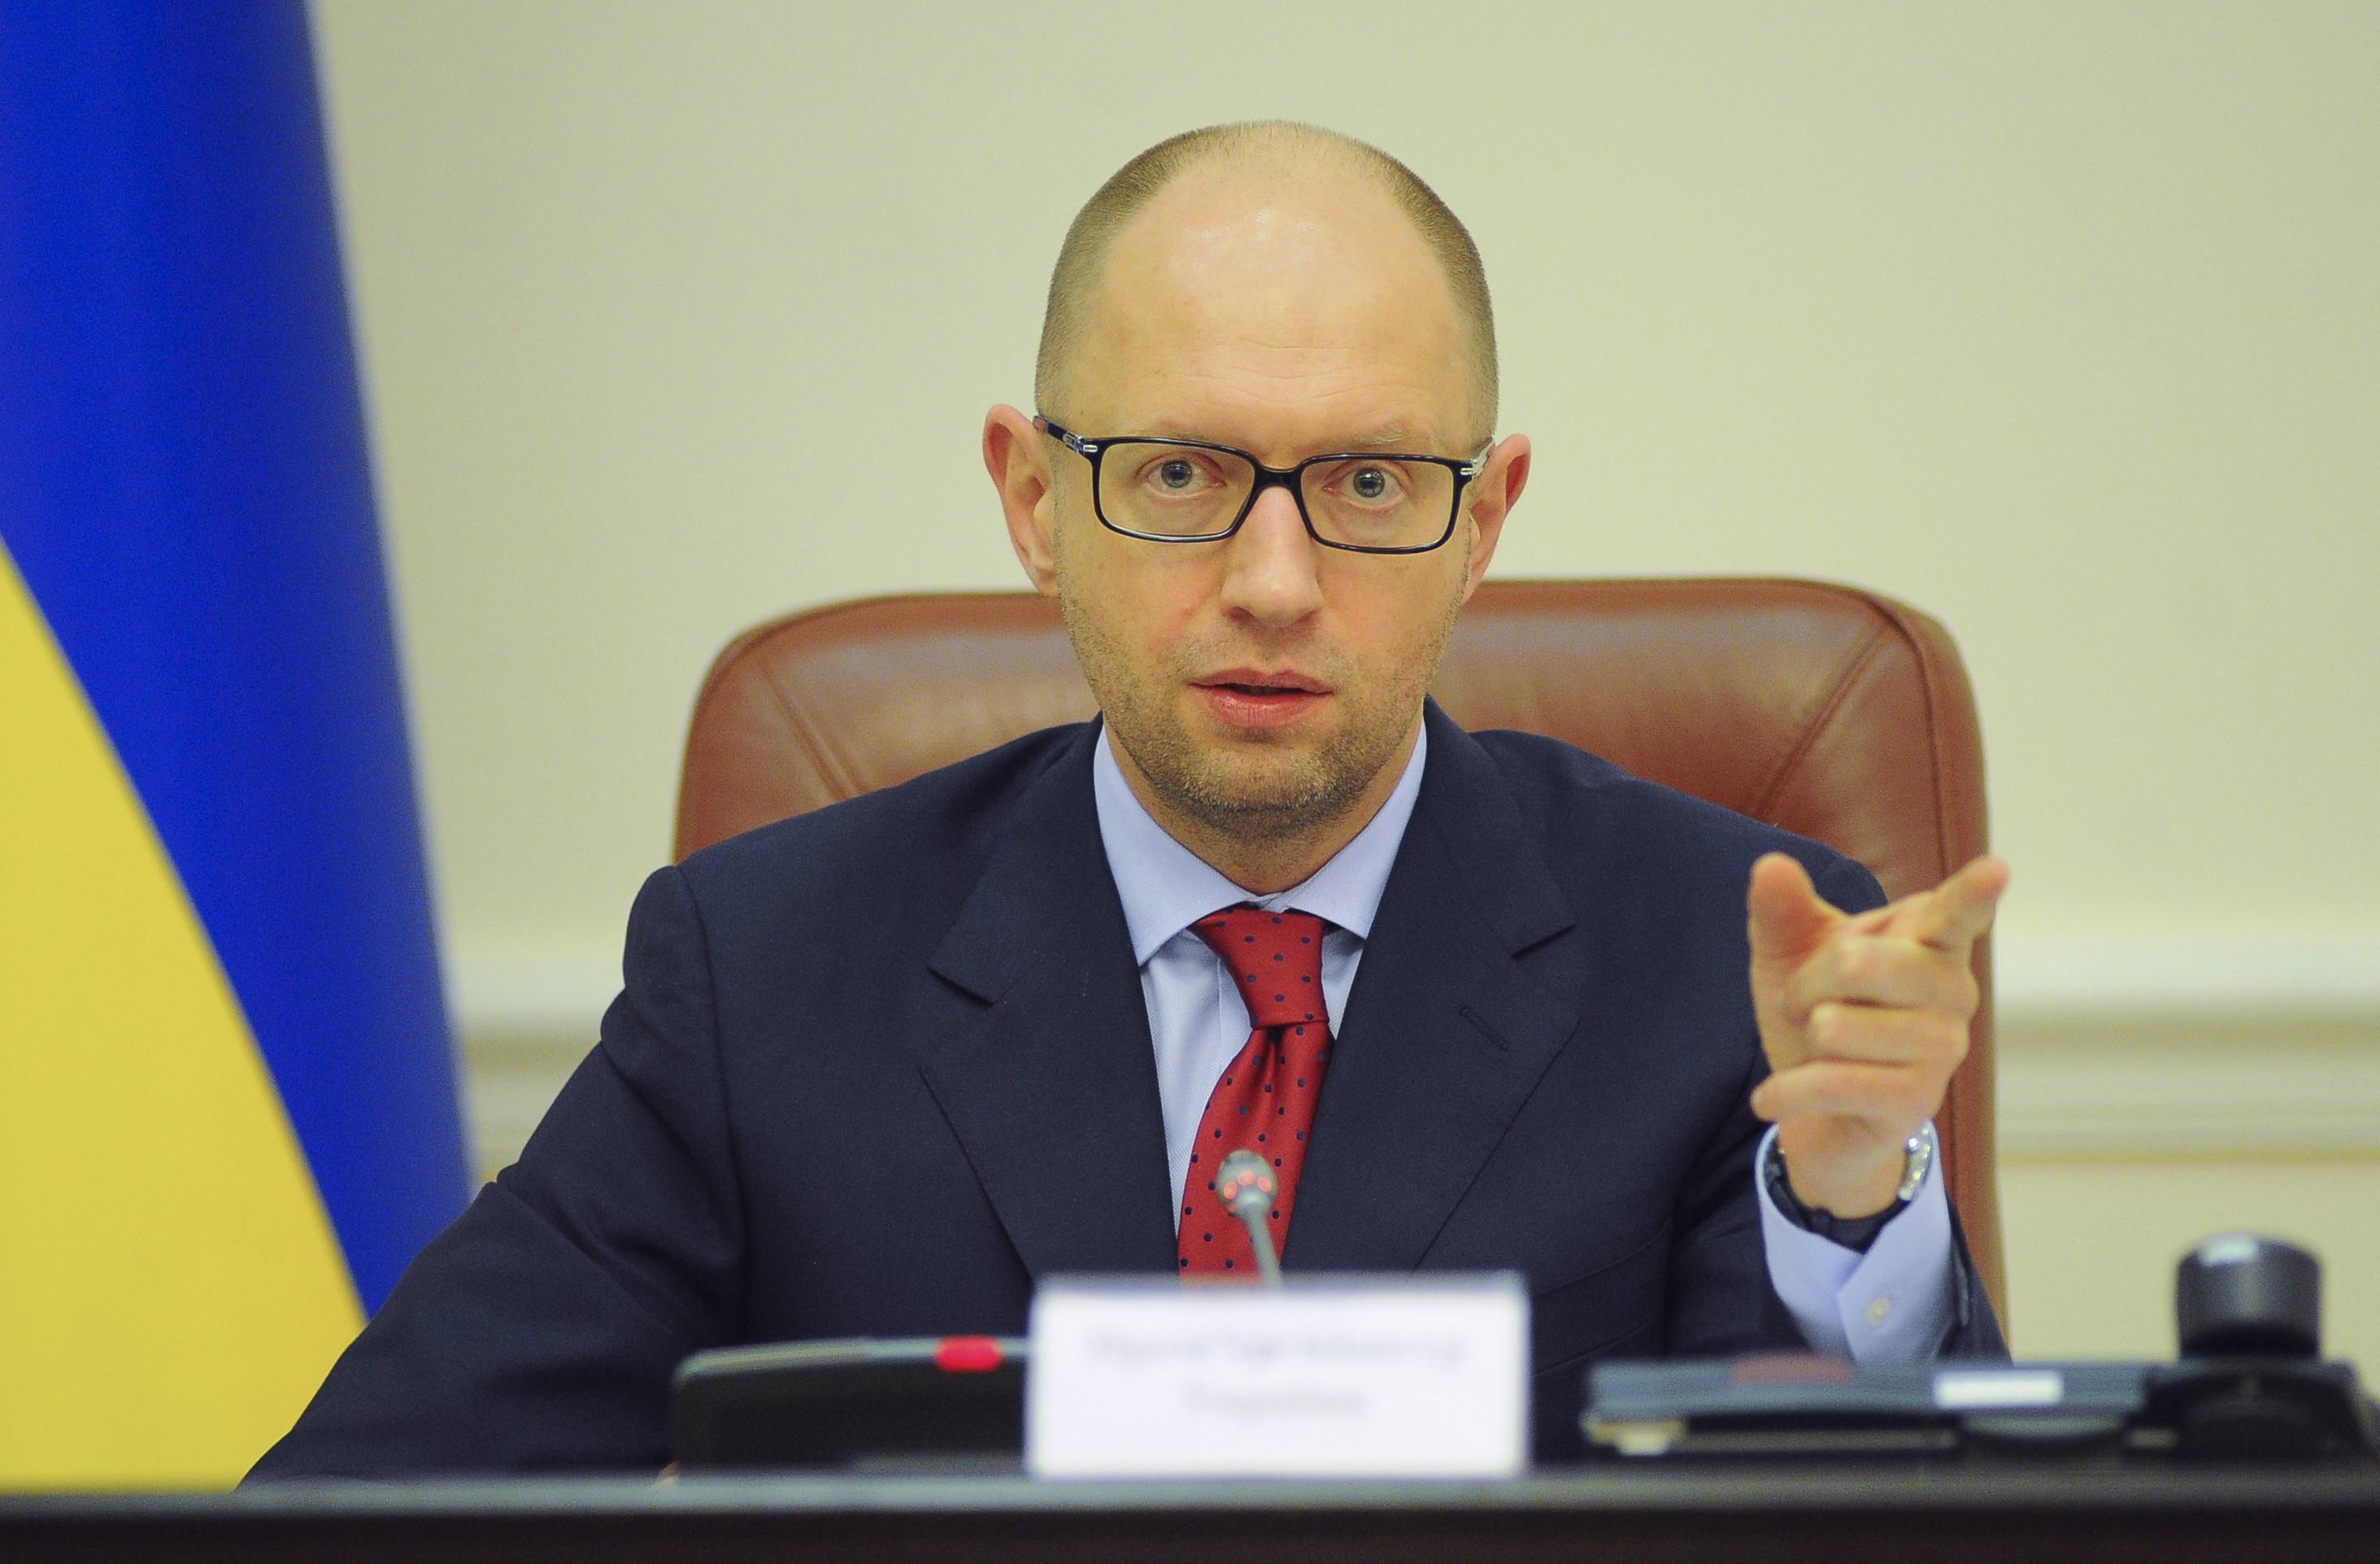 Яценюк поручил немедленно начать выплаты премий участникам АТО